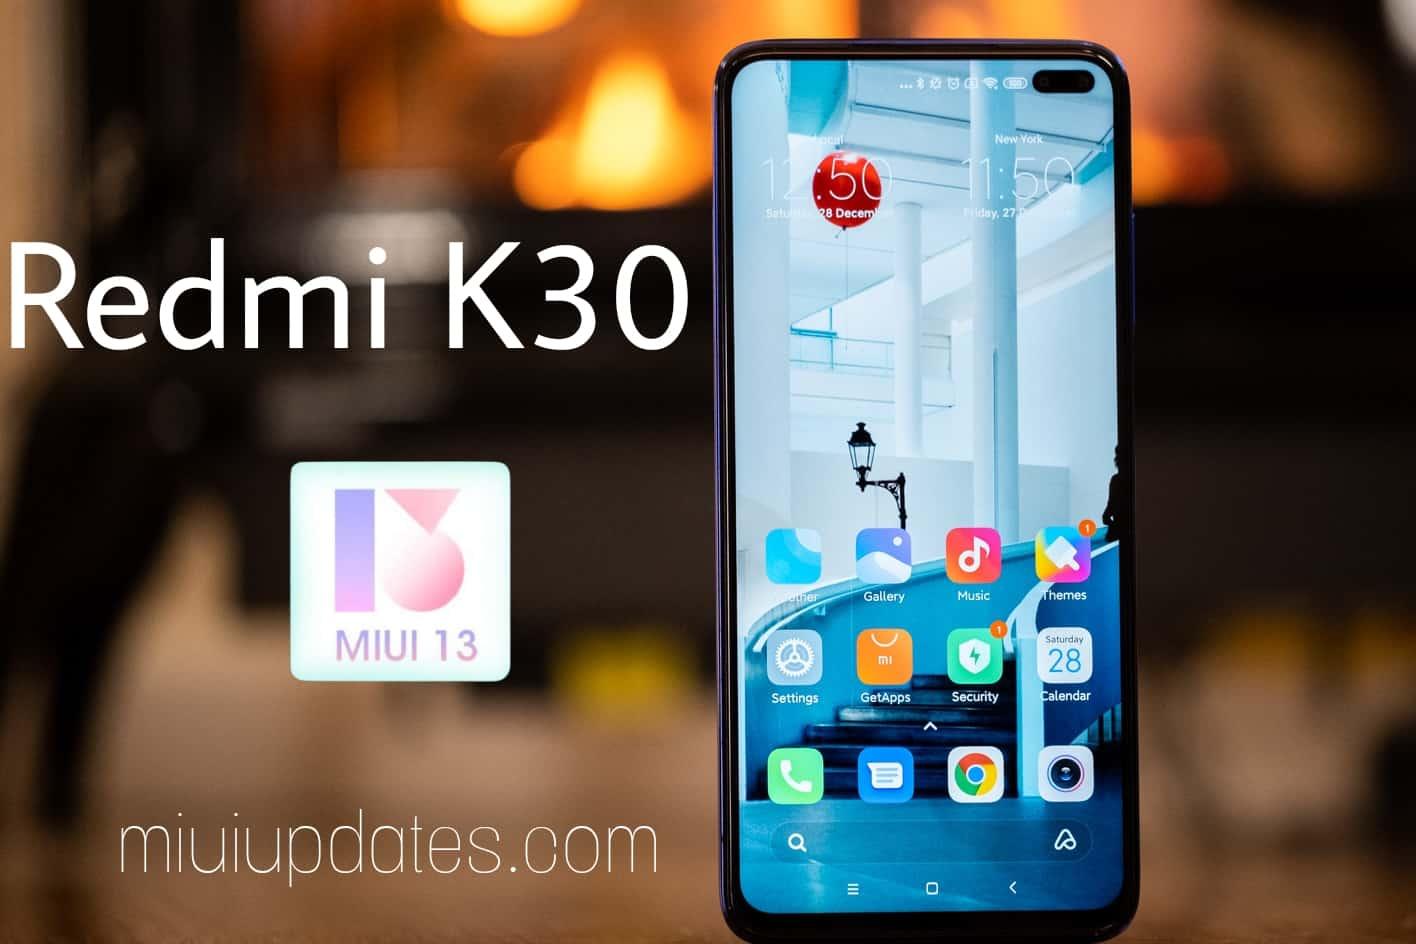 Redmi K30 MIUI 13 Update